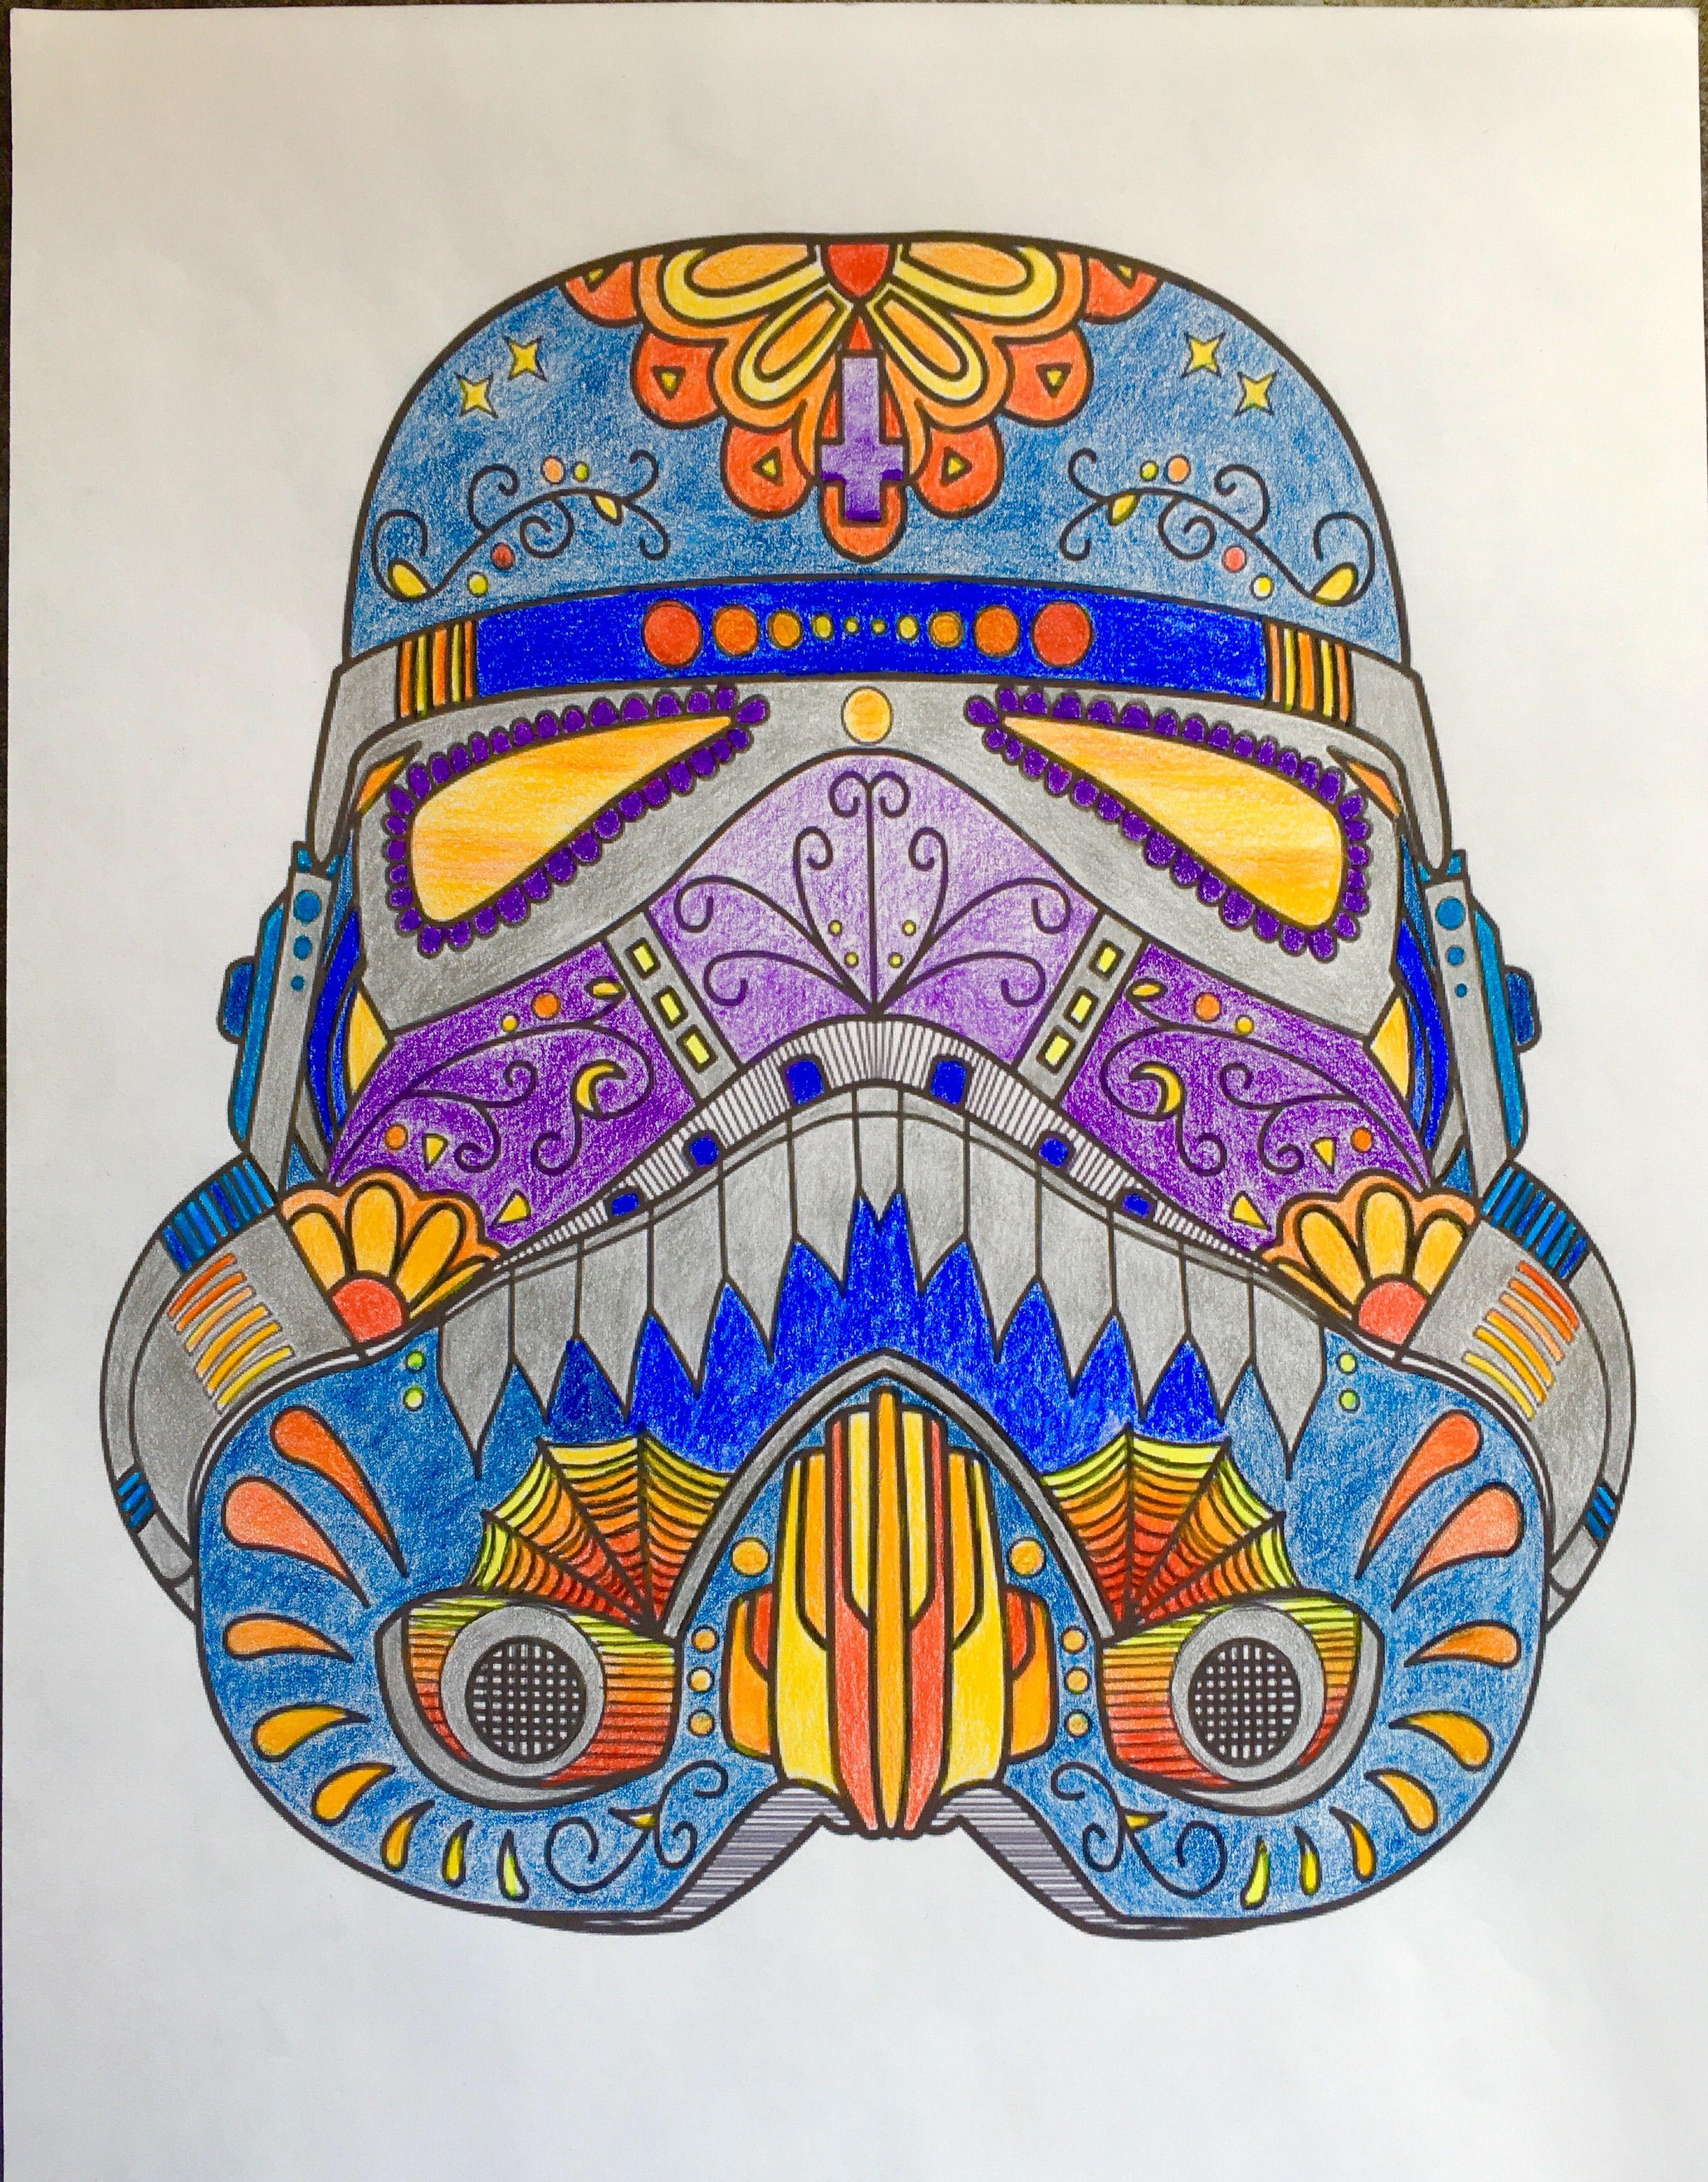 Imperial Stormtrooper Sugar Skull Inspired Helmet